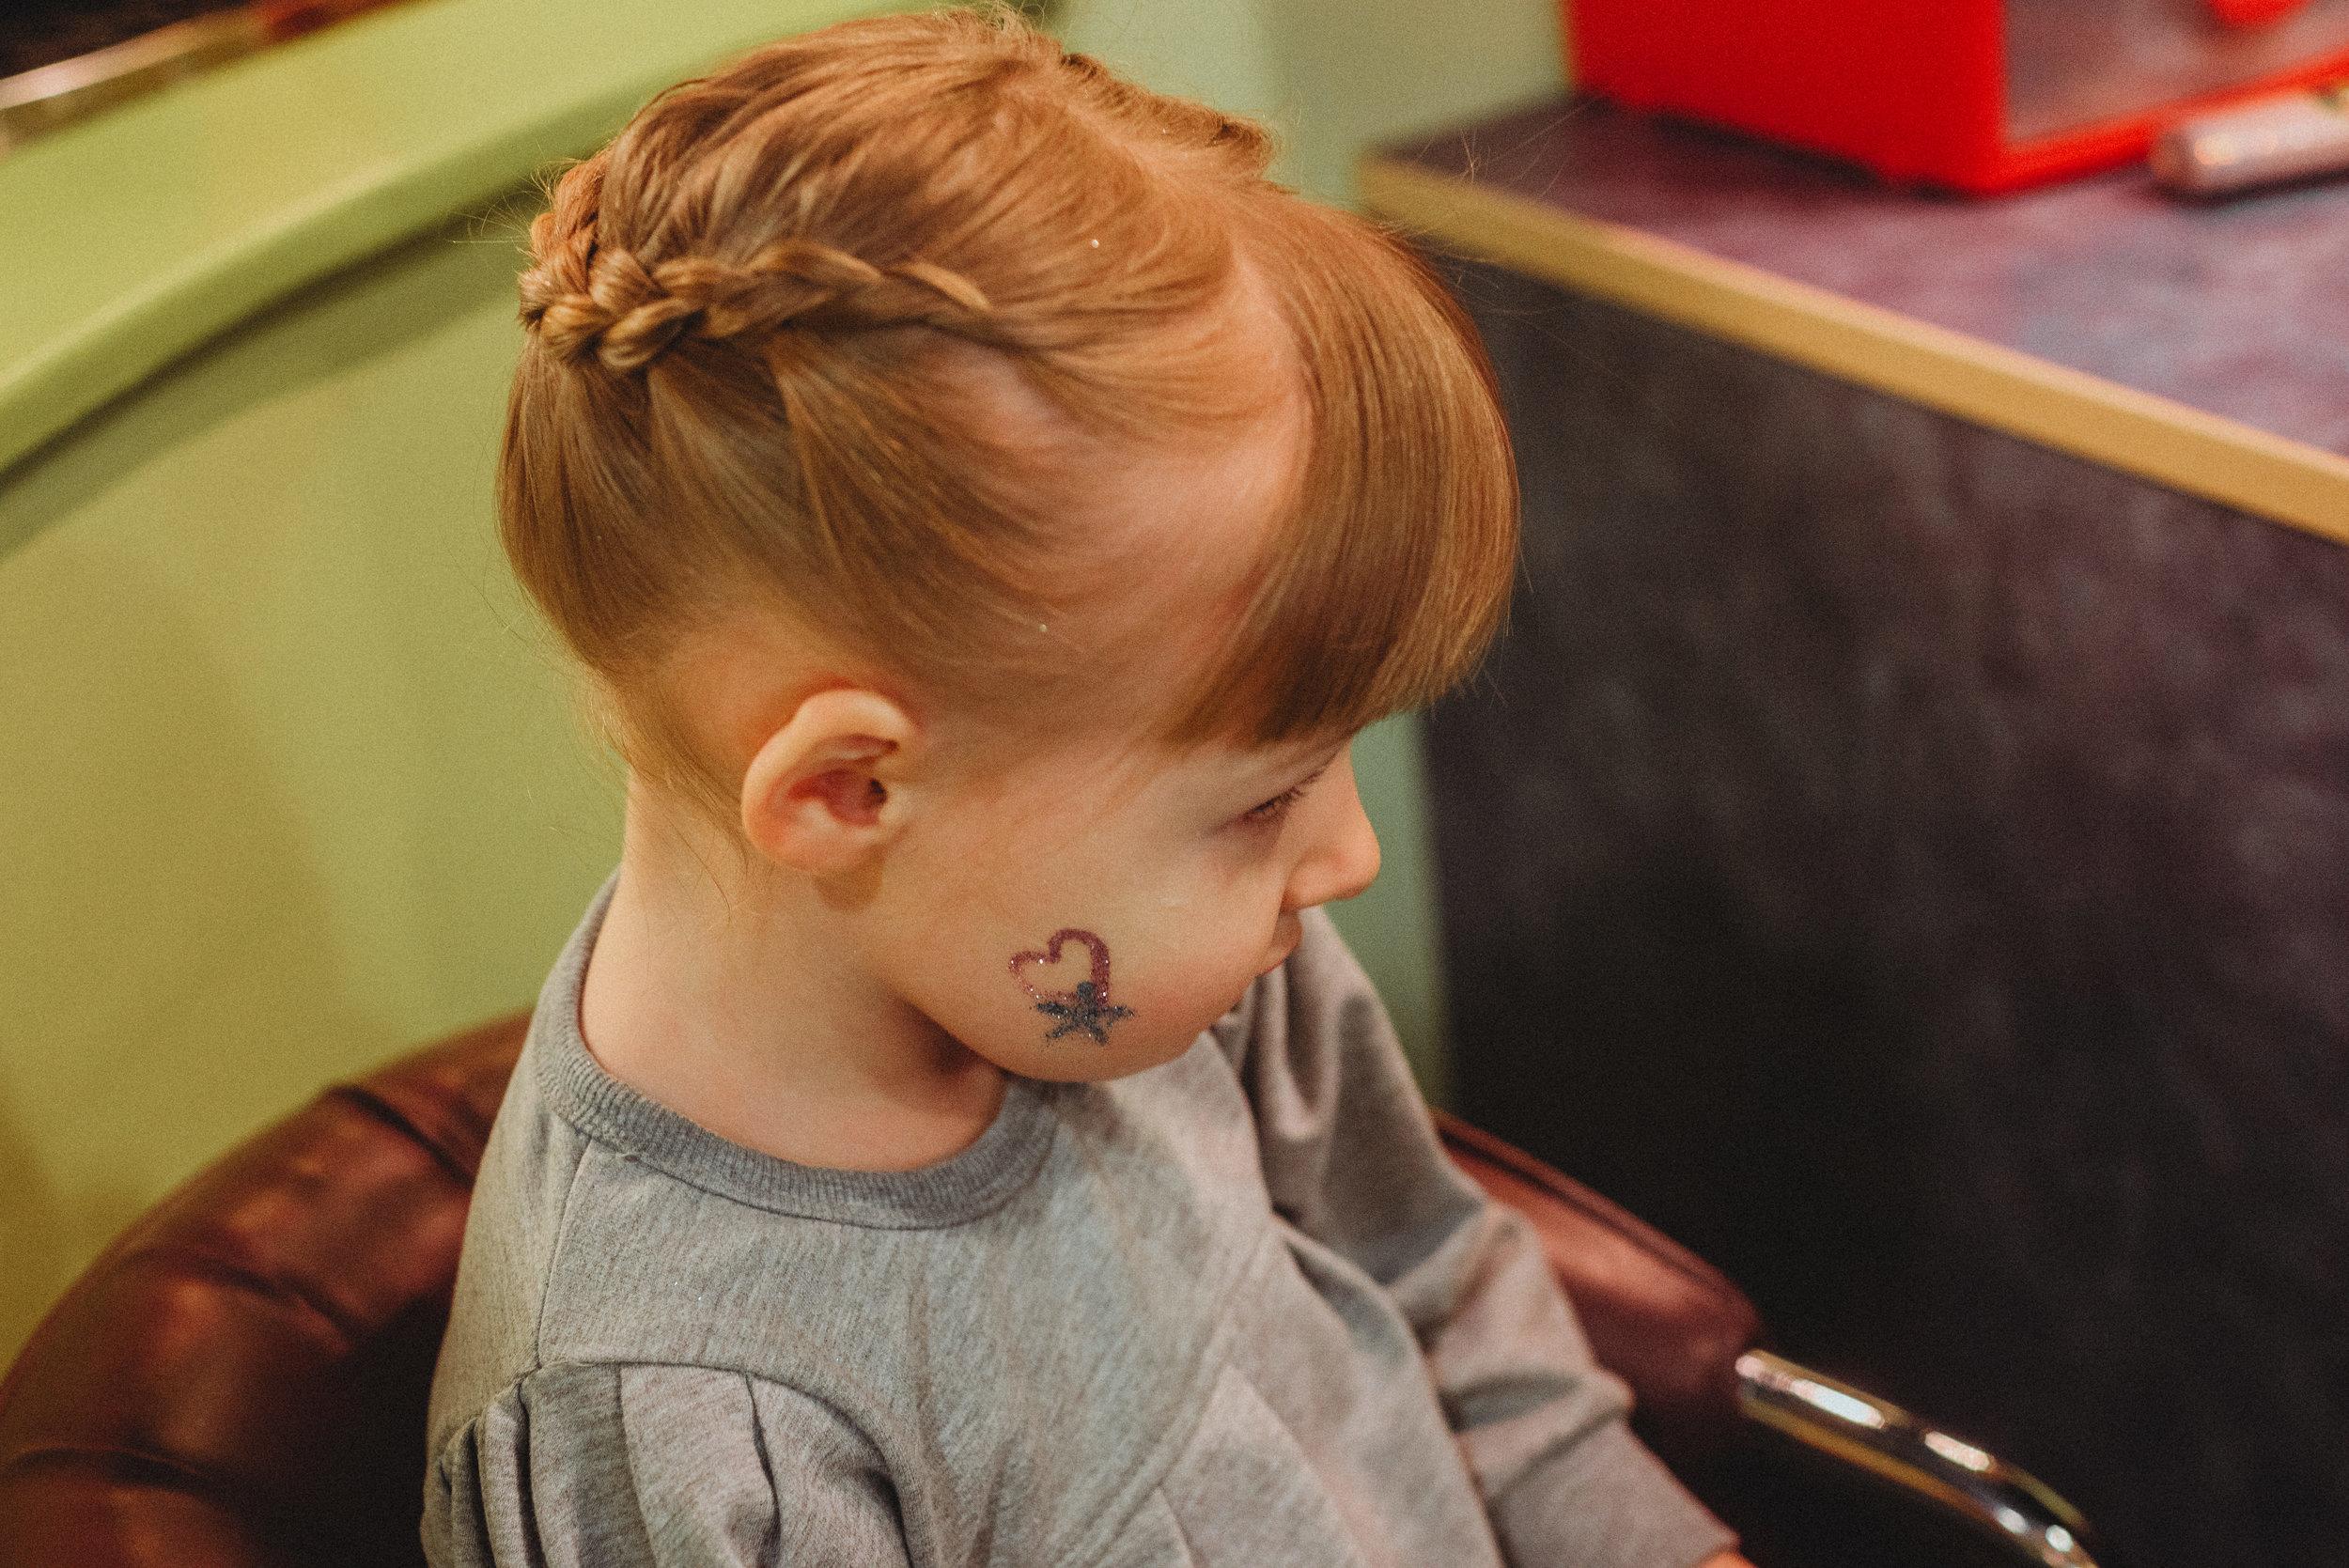 haircut15.jpg